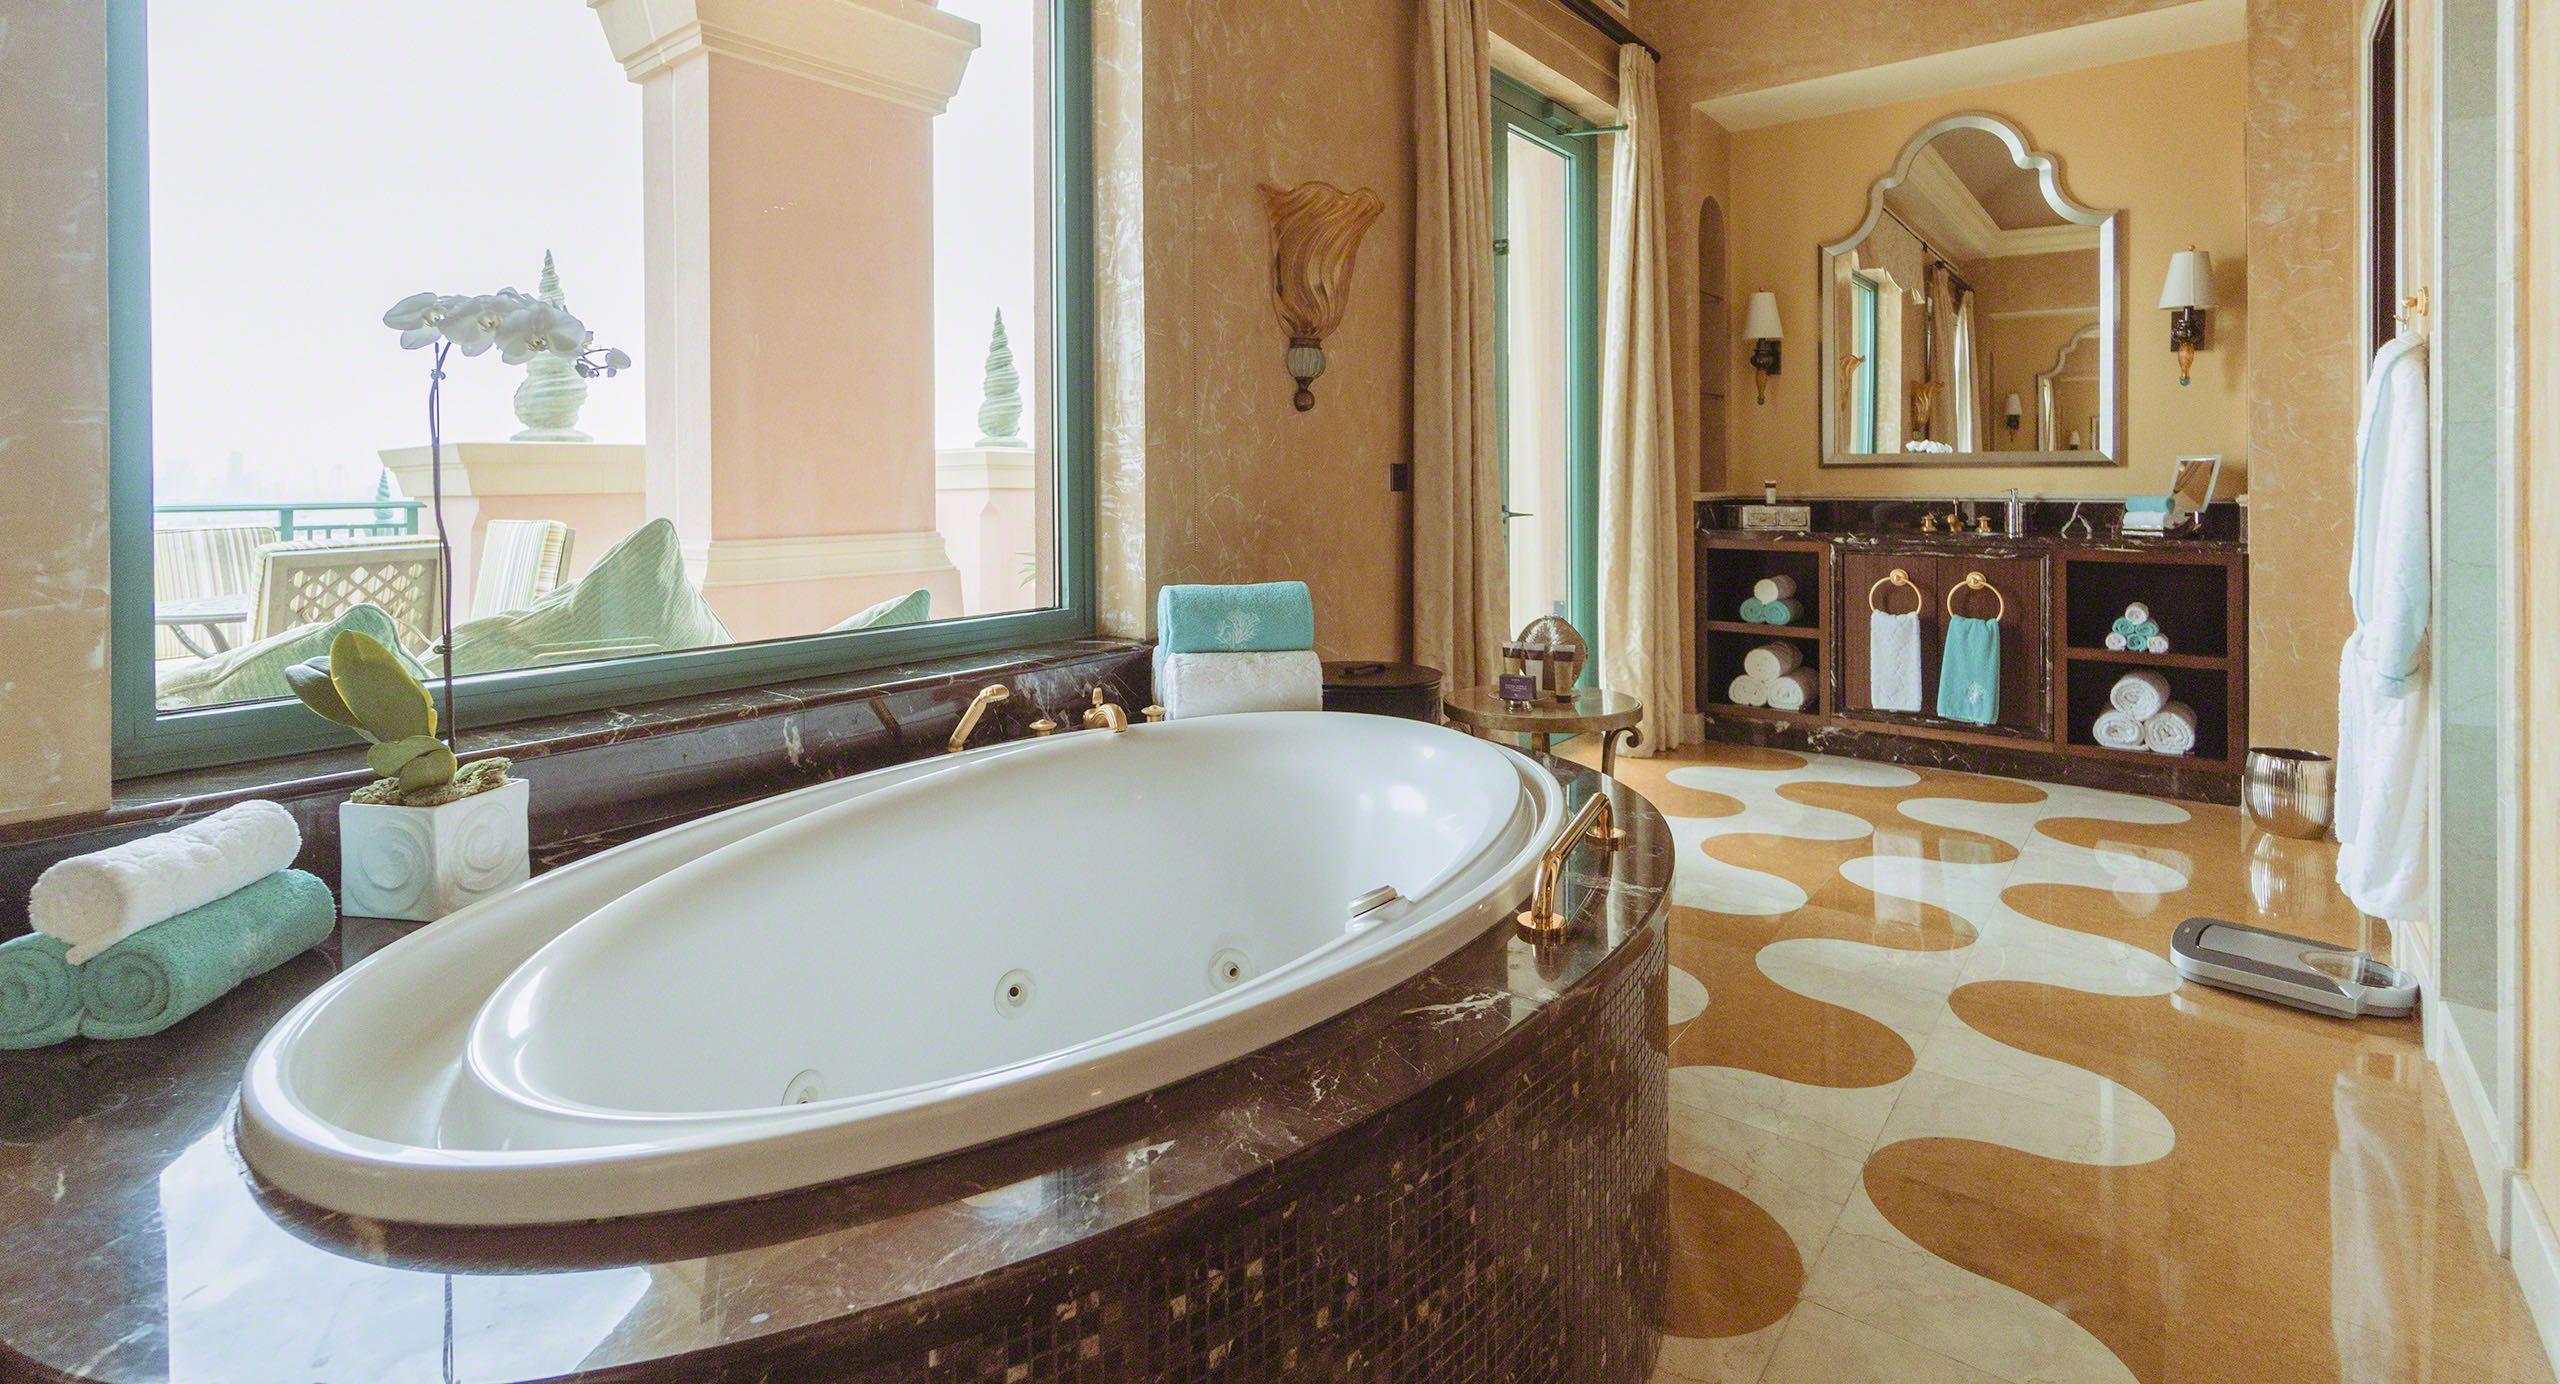 Königlicher Luxus im Badezimmer der Grand Atlantis Suite. Foto © Mirco Seyfert